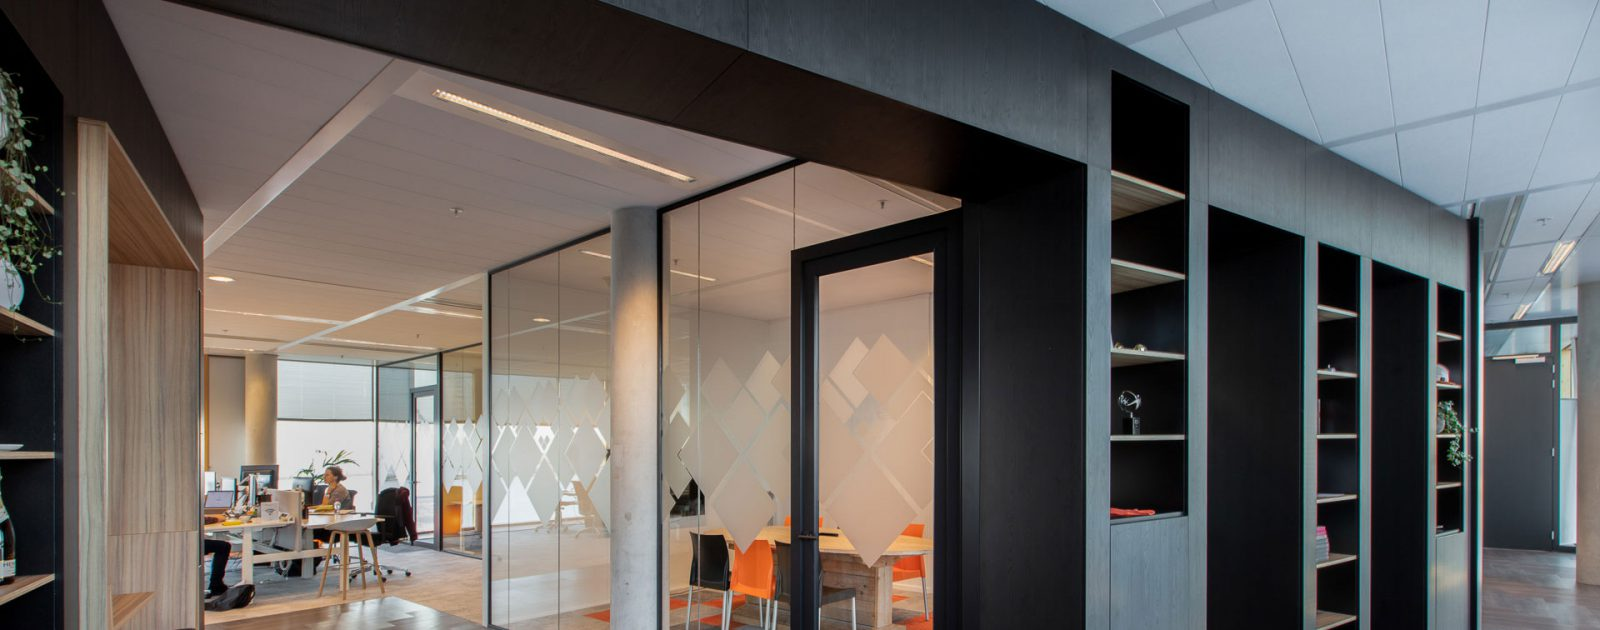 Interieur kantoor zandstraalfolie